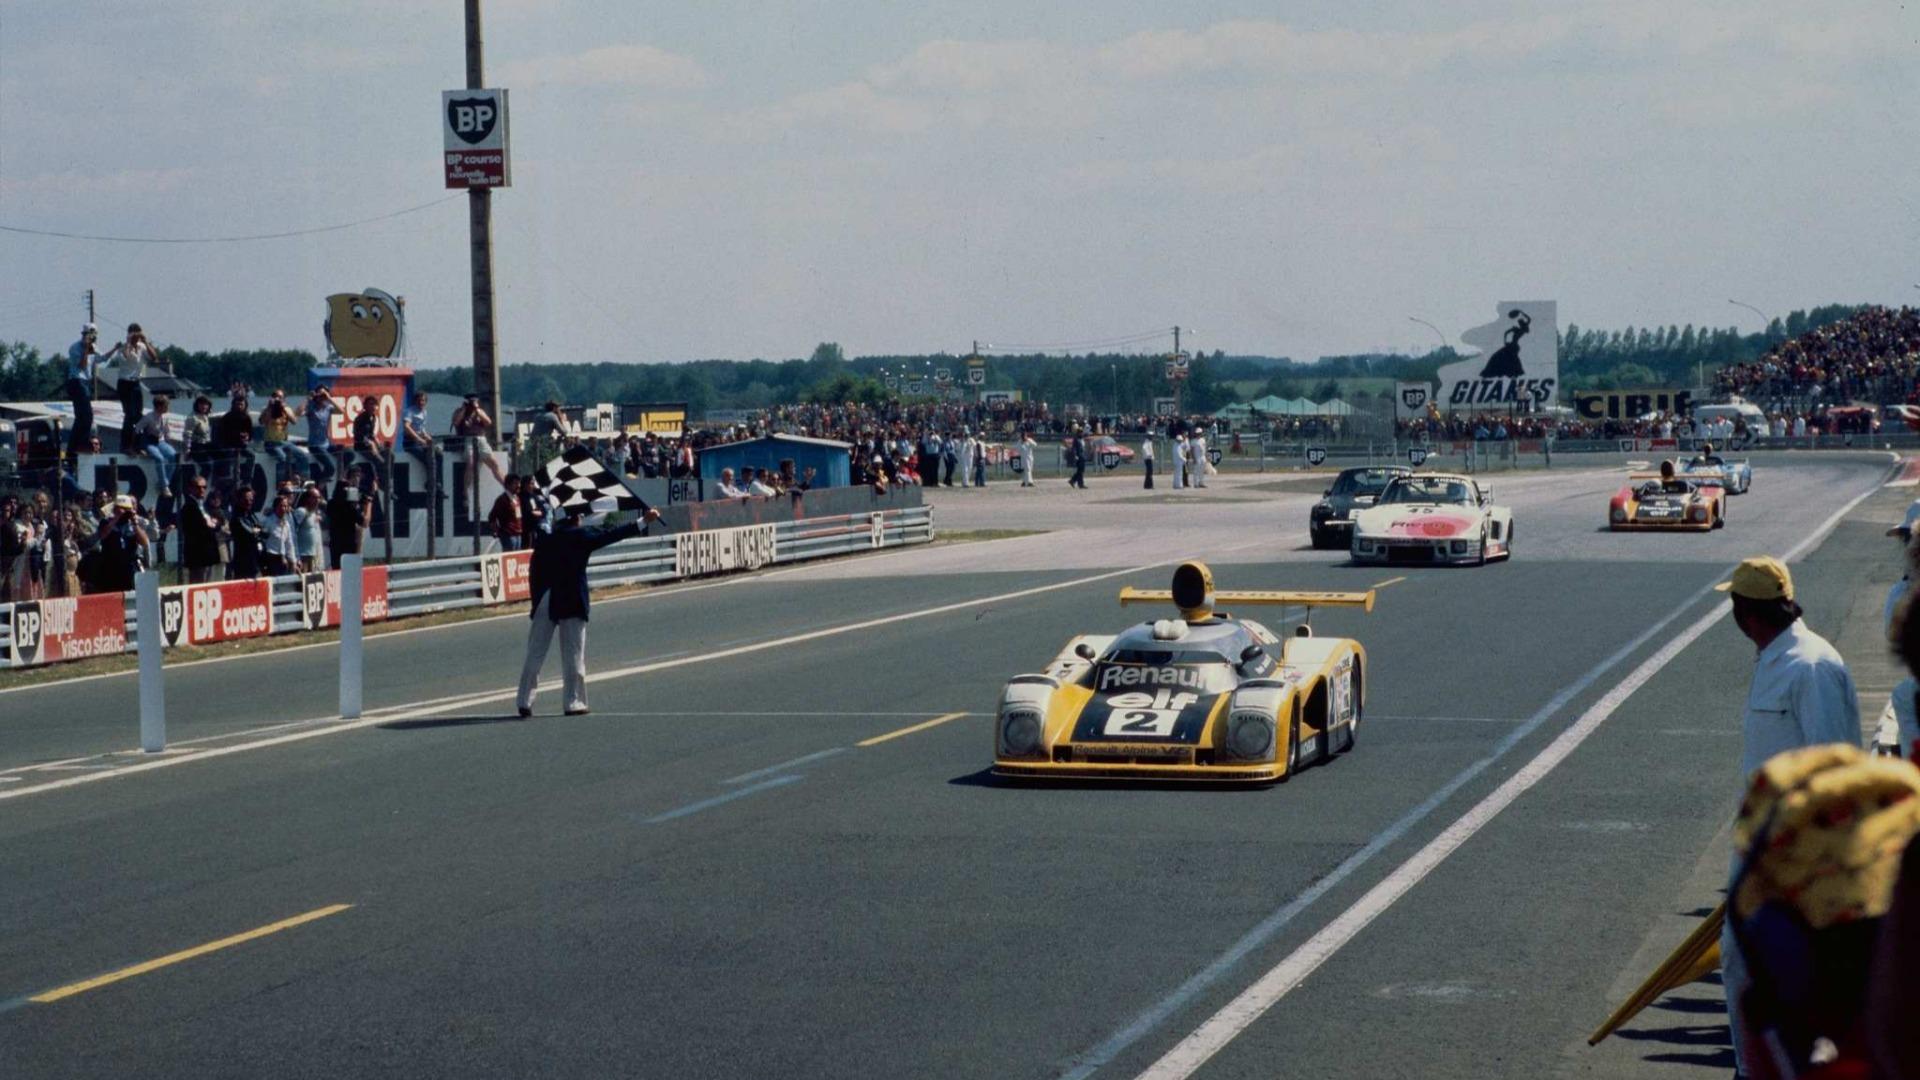 Didier Pironi får målflagget som symboliserer at han er førstemann over målstreken i Le Mans 1978.